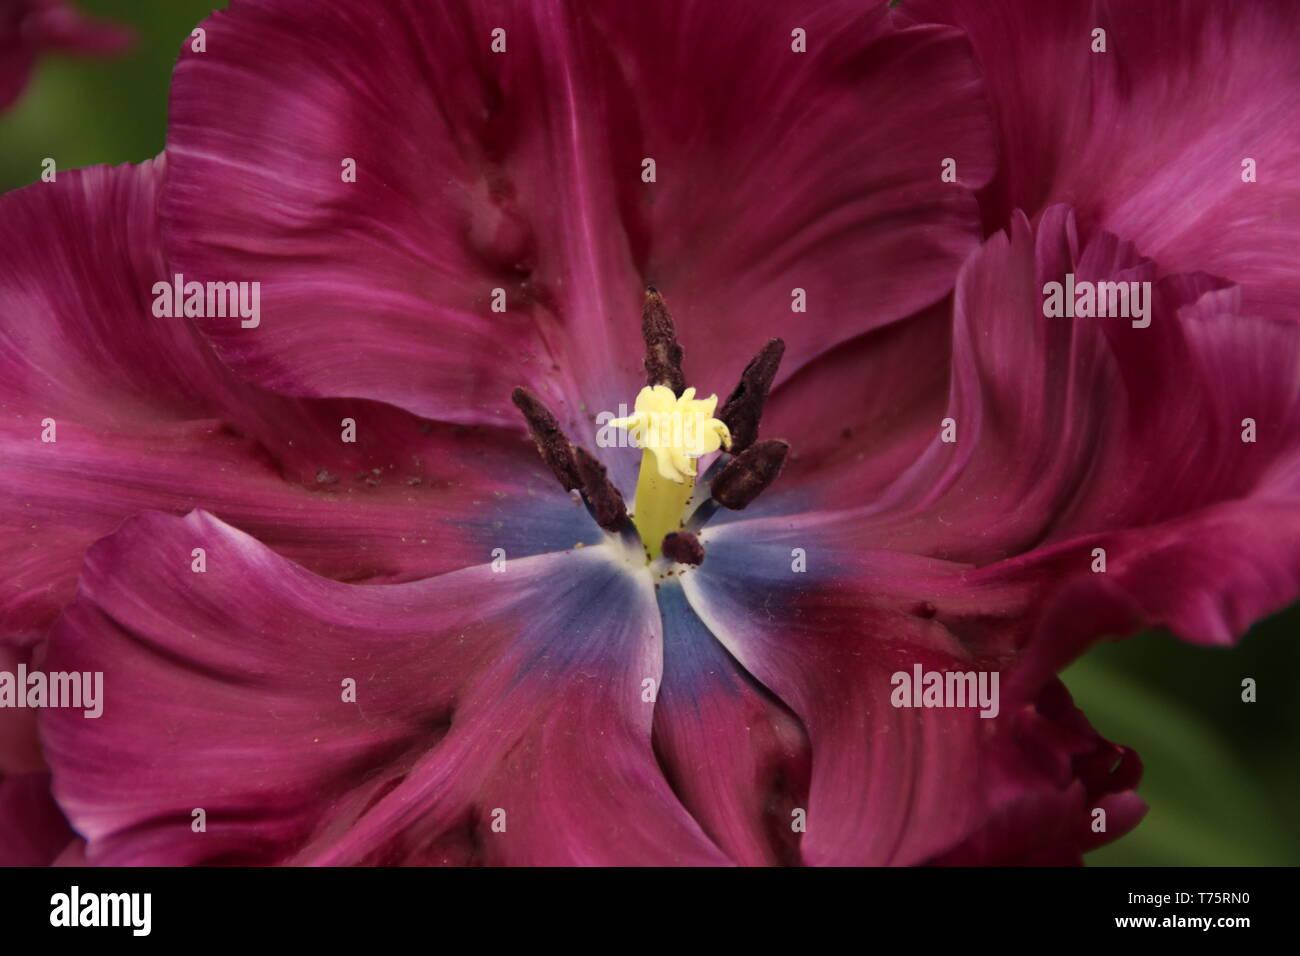 wunderschöne lila Tulpe im Keukenhof in Holland - Stock Image